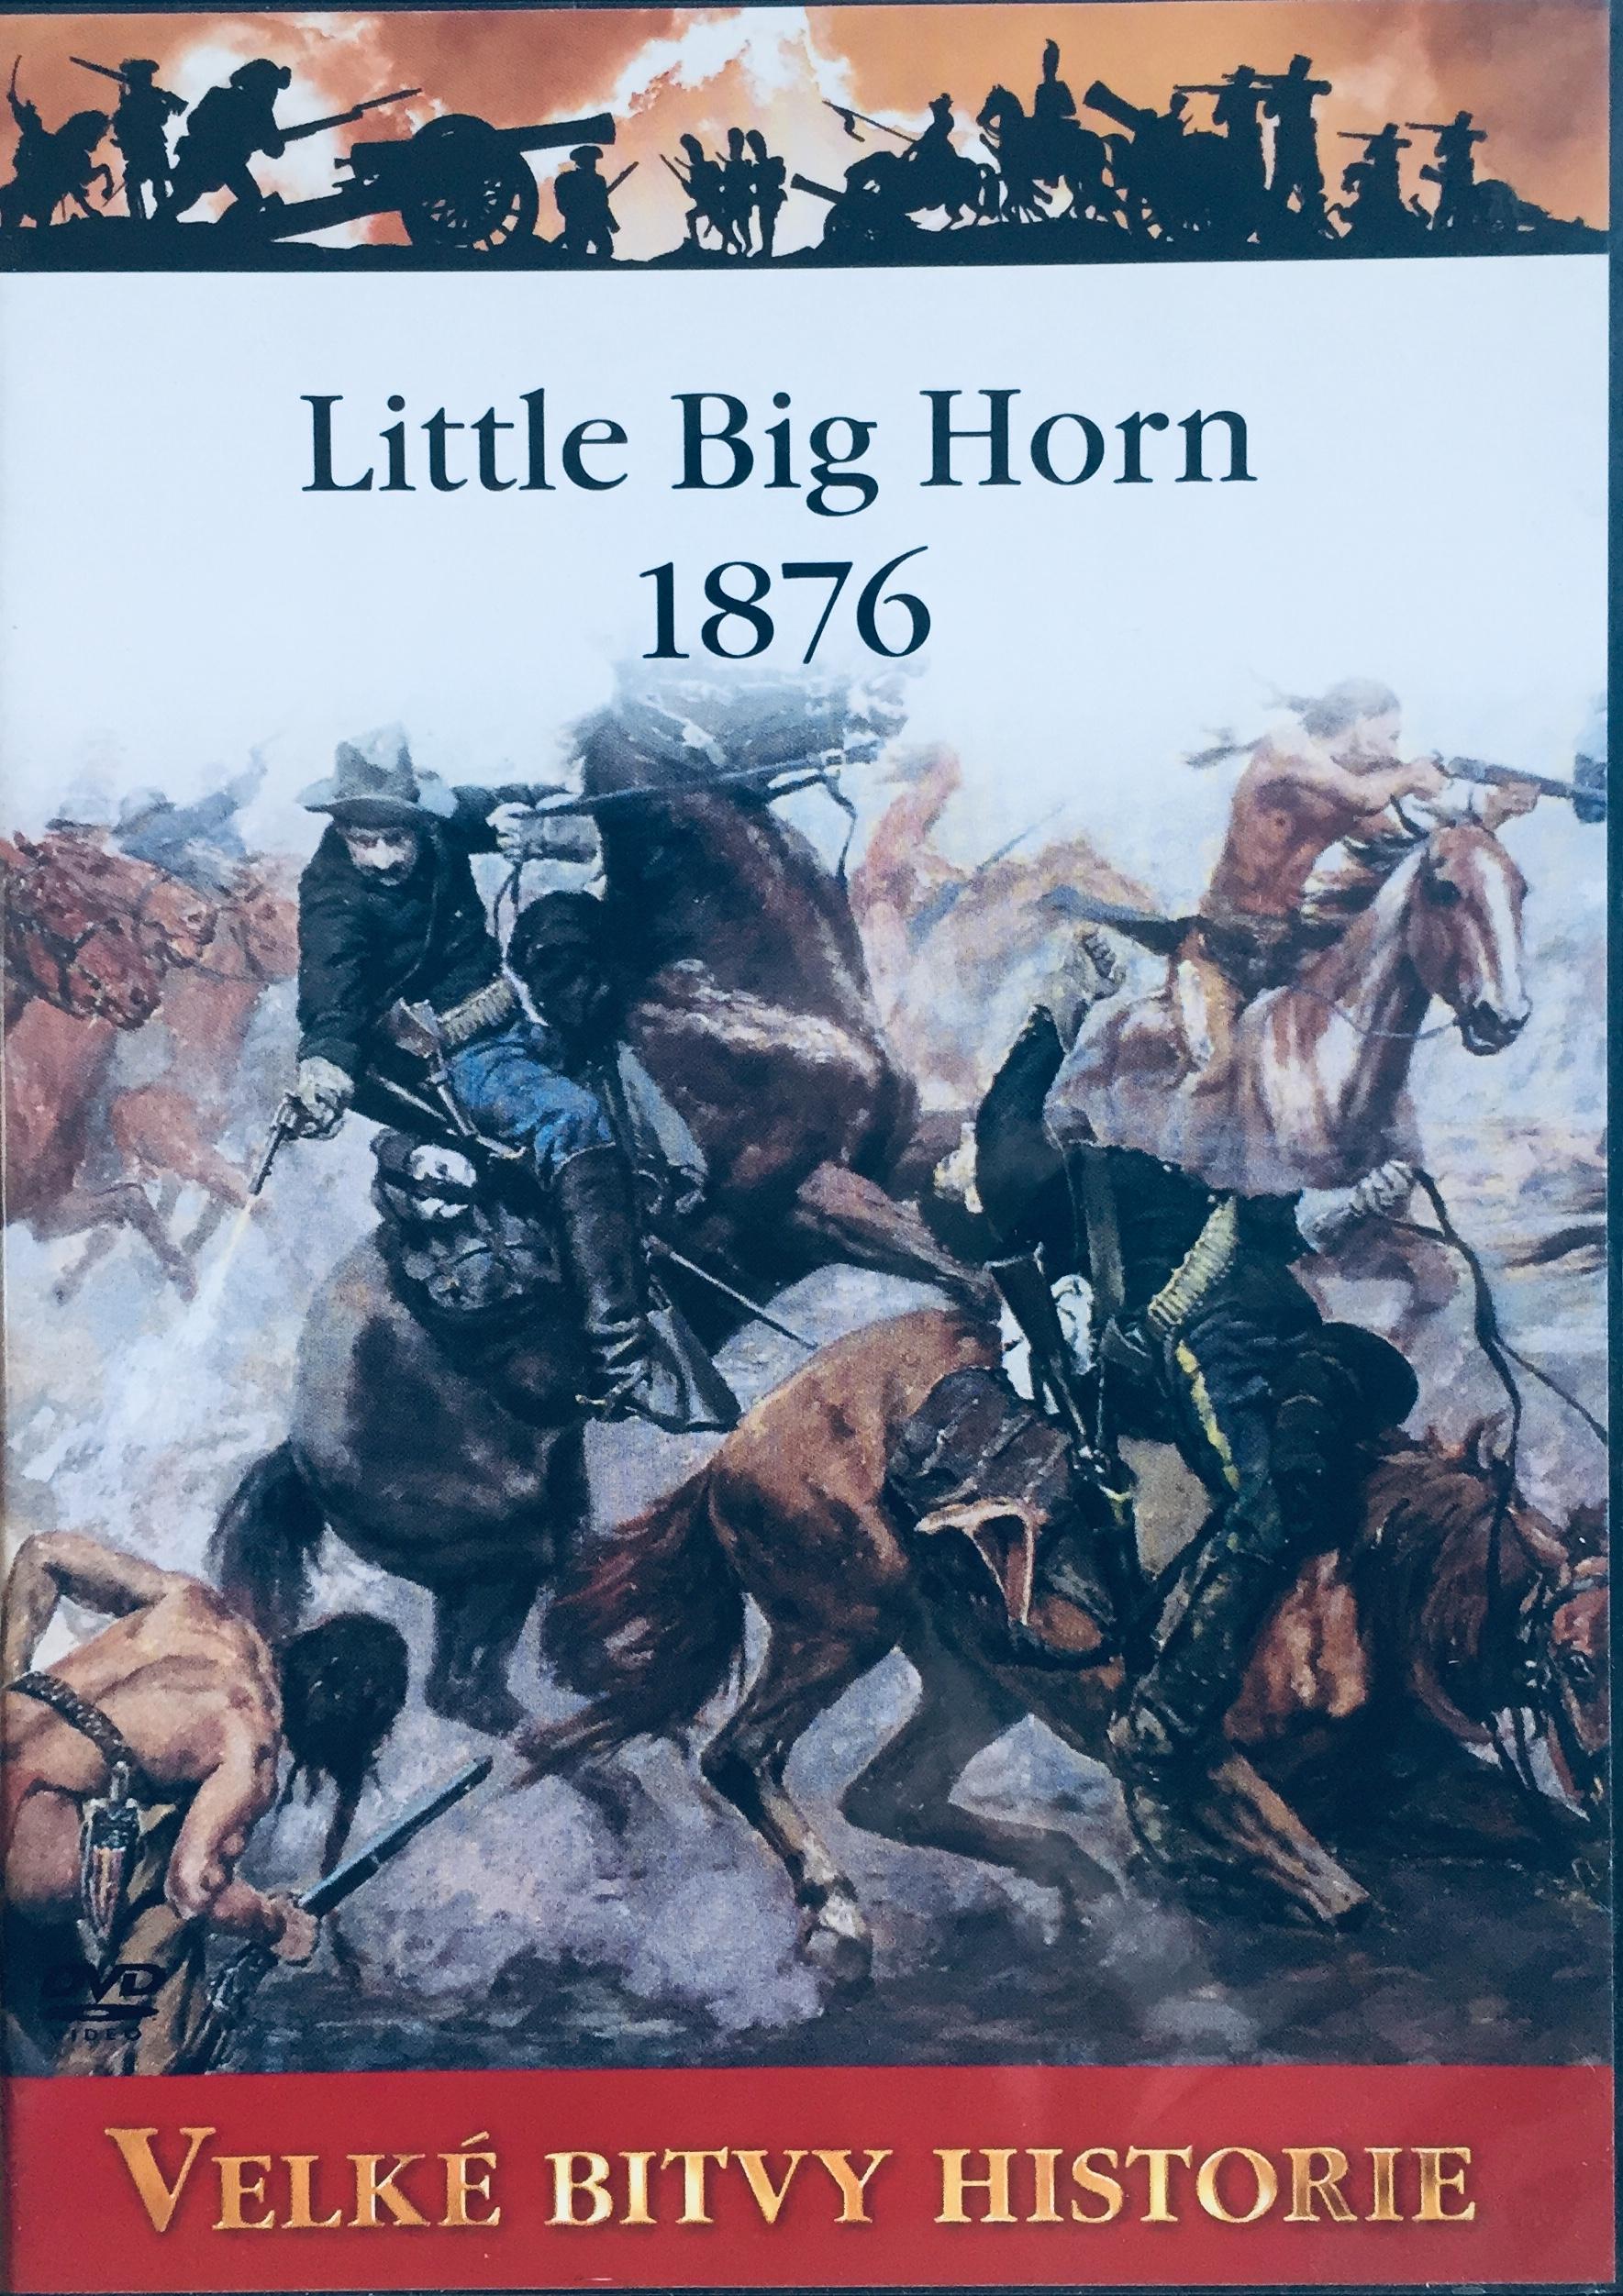 Velké bitvy historie - Little Big Horn 1876 -  DVD /slim/